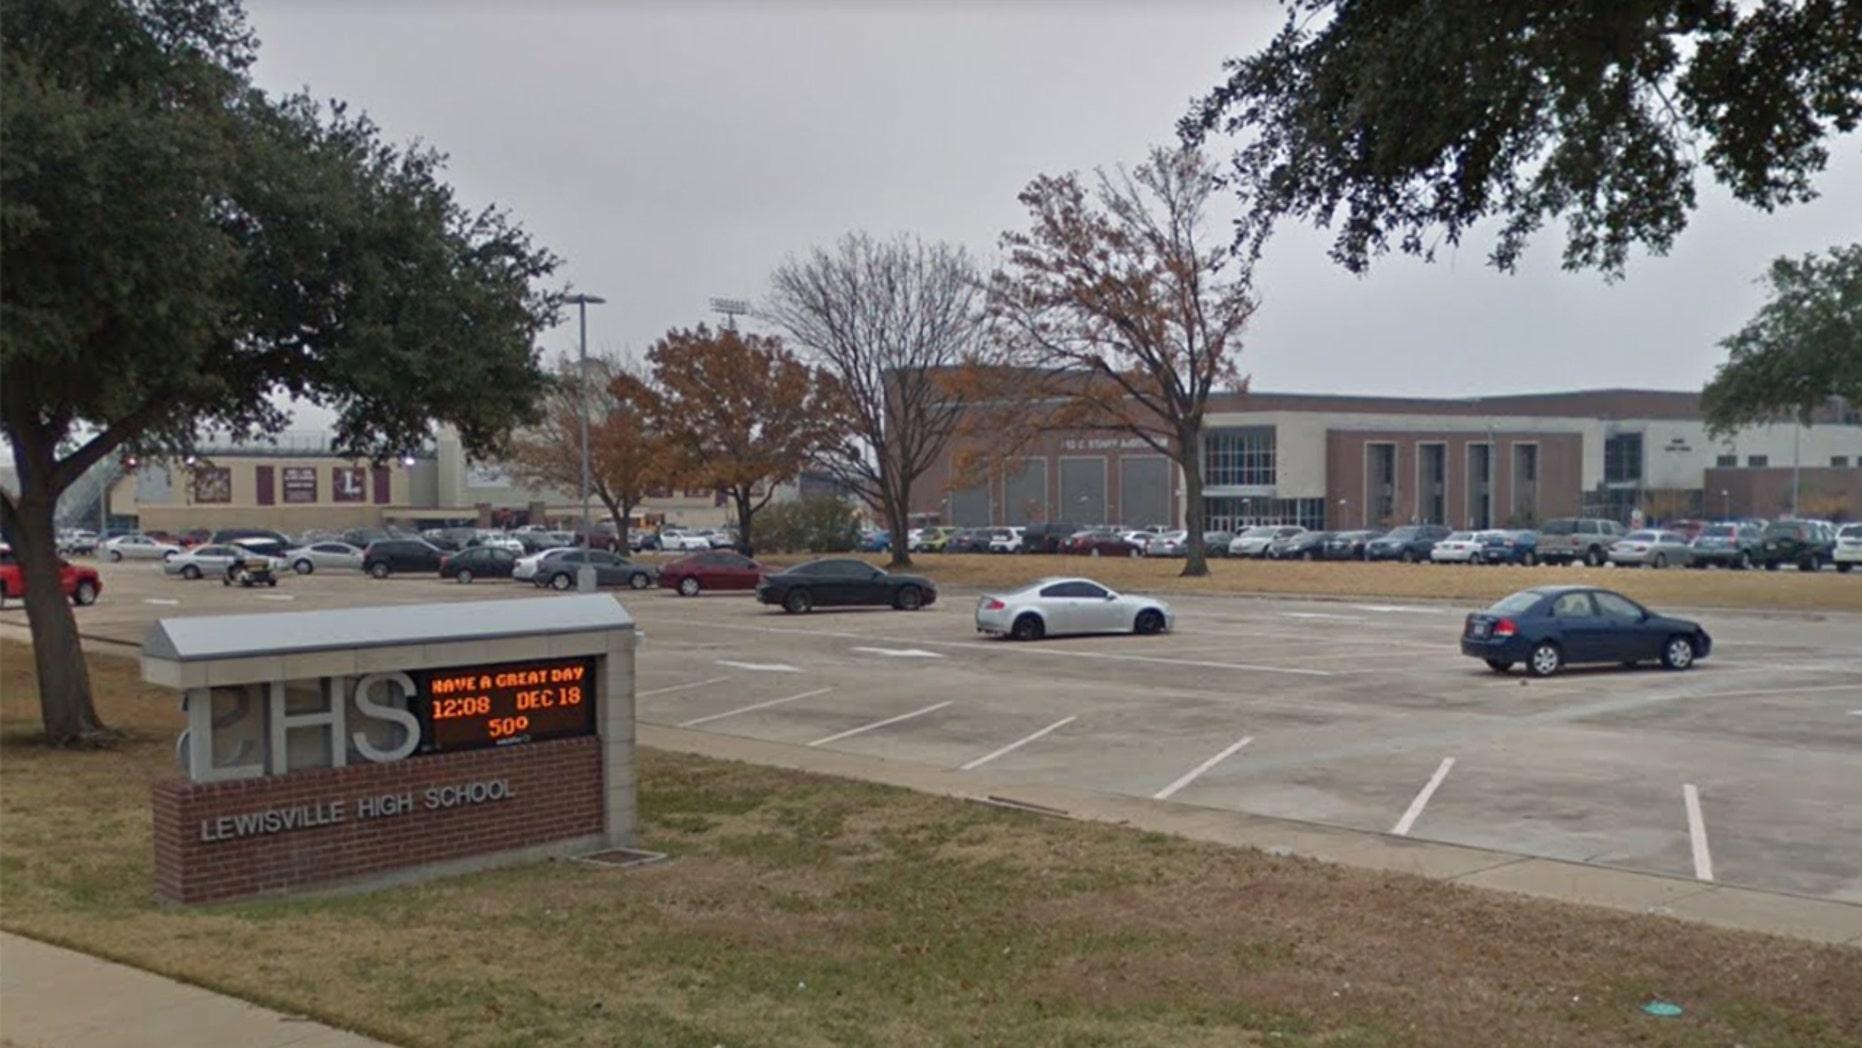 Lewisville High School, Lewisville, Texas